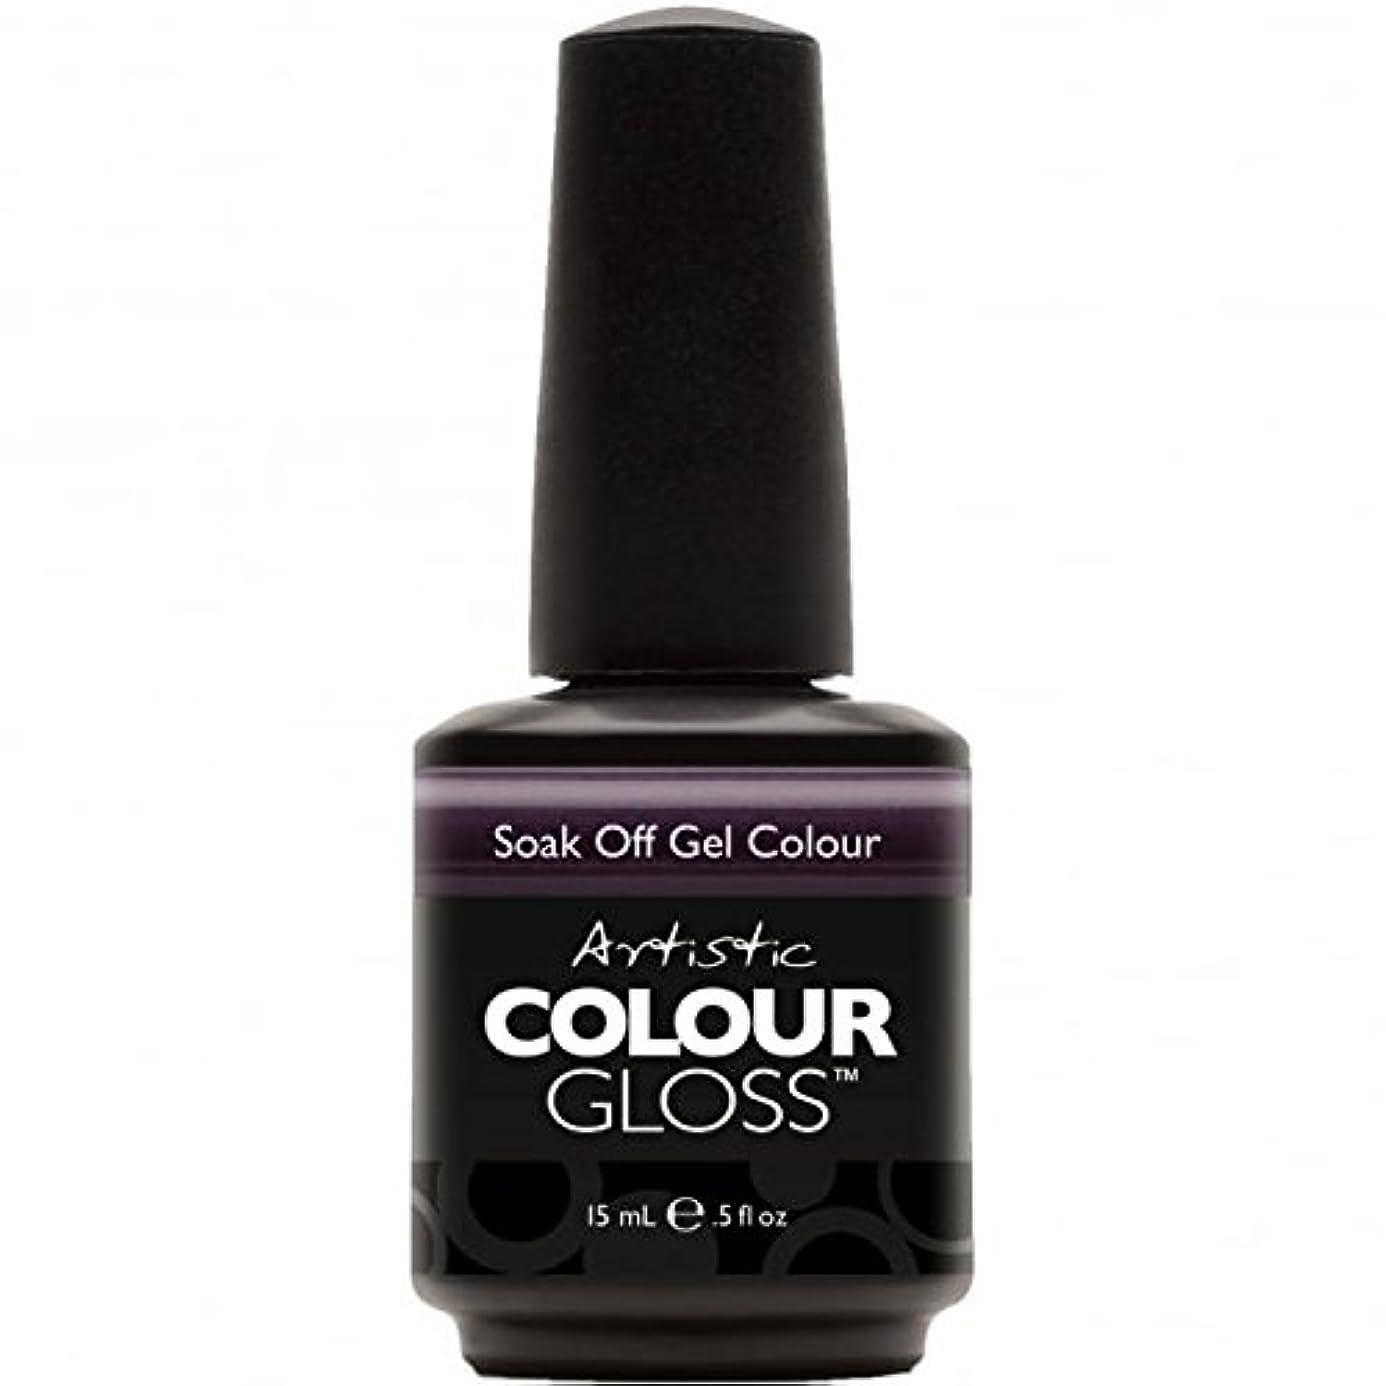 意識的キャンセル歴史Artistic Colour Gloss - Royalty - 0.5oz / 15ml